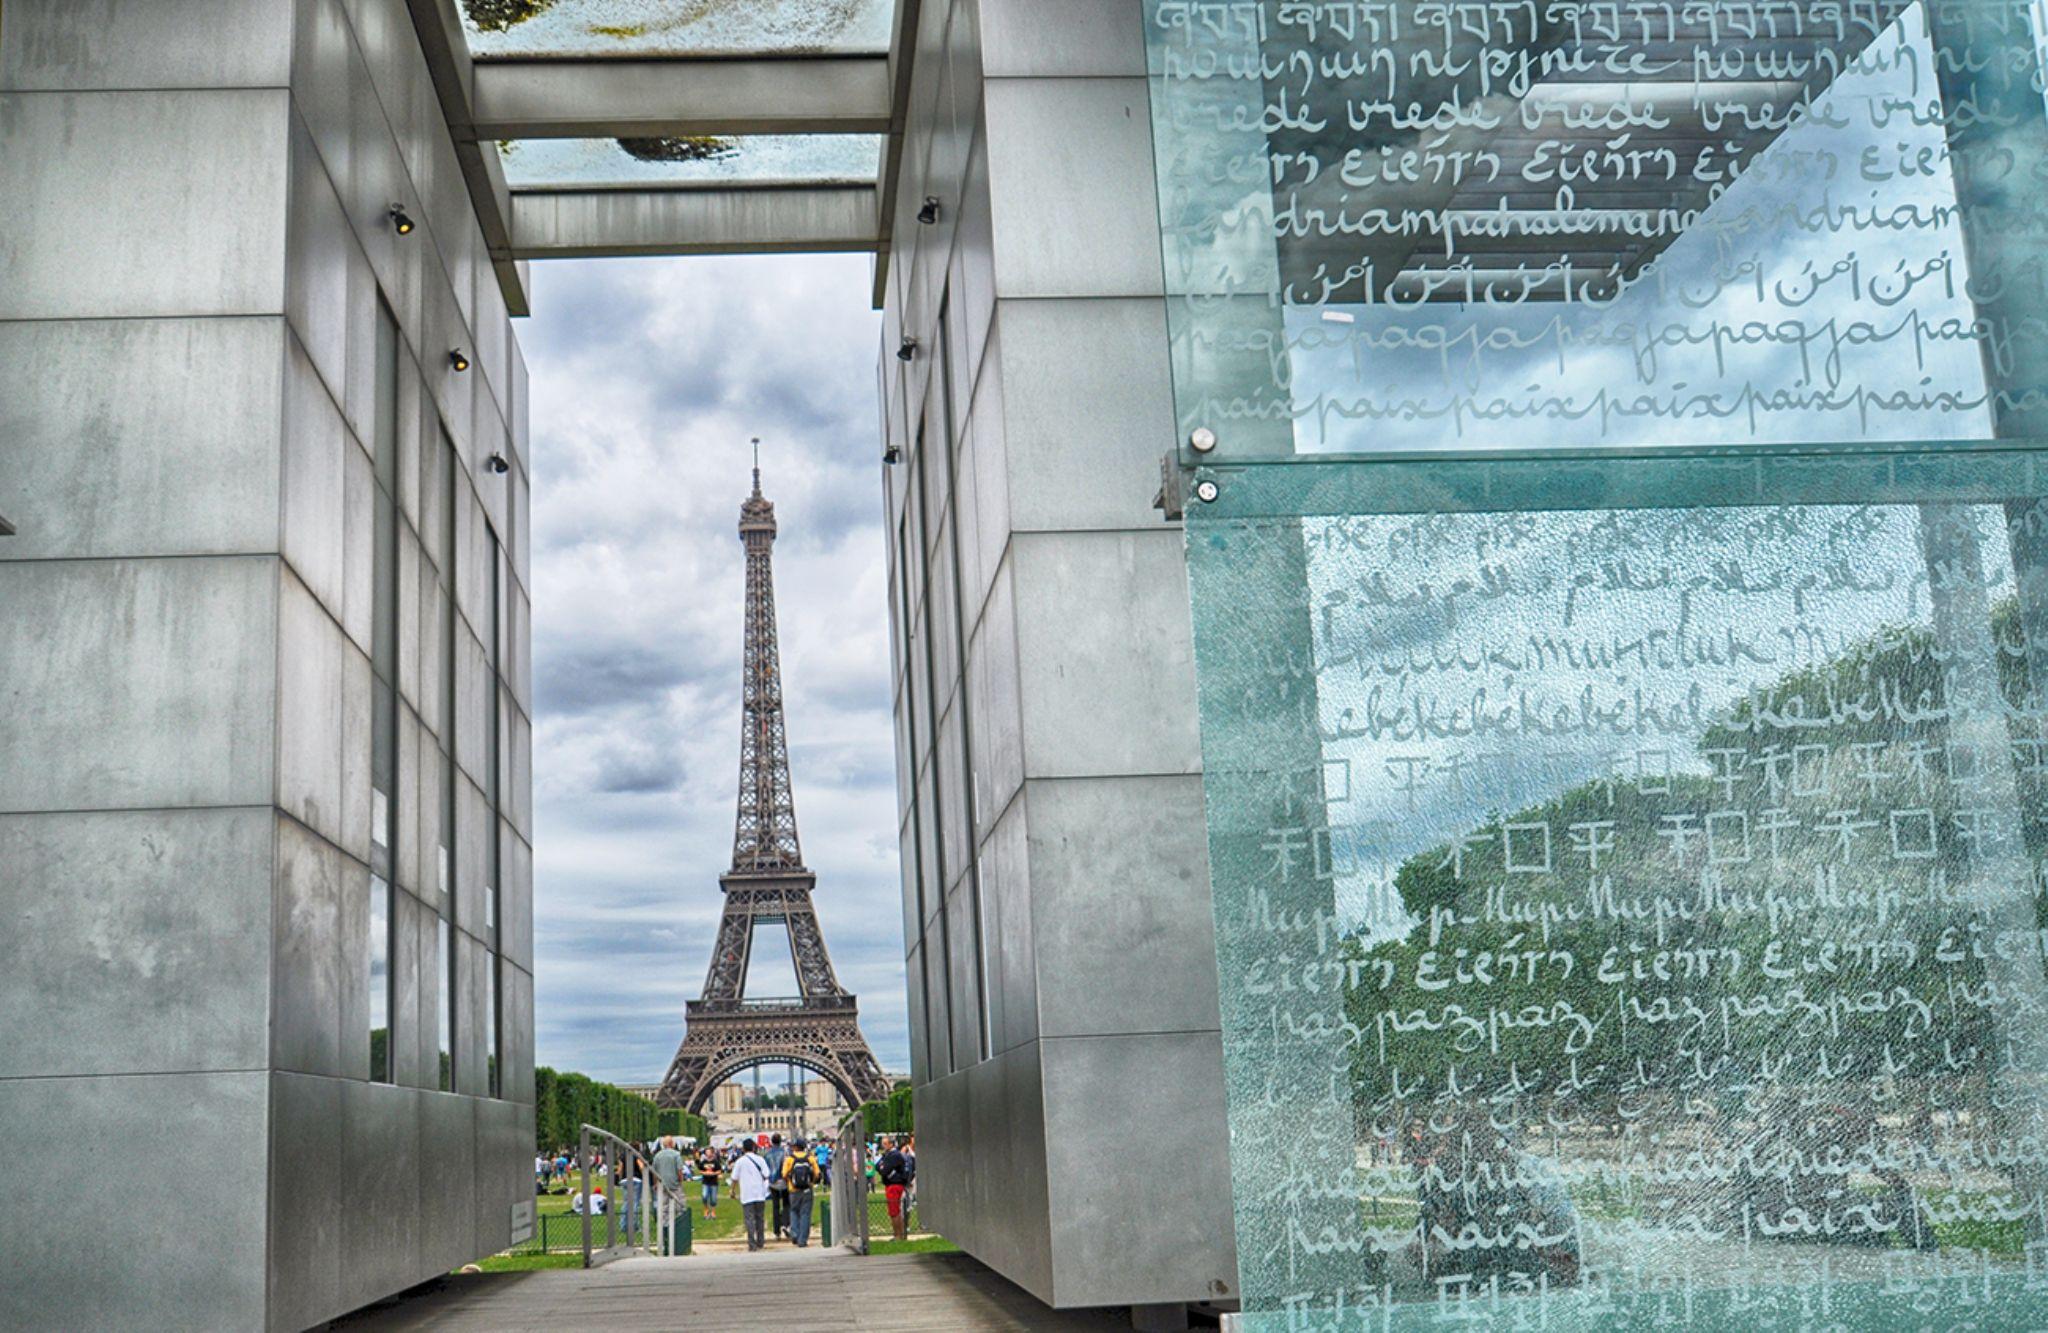 The Champ de Mars peace monument  by Abdurrahman Aksoy